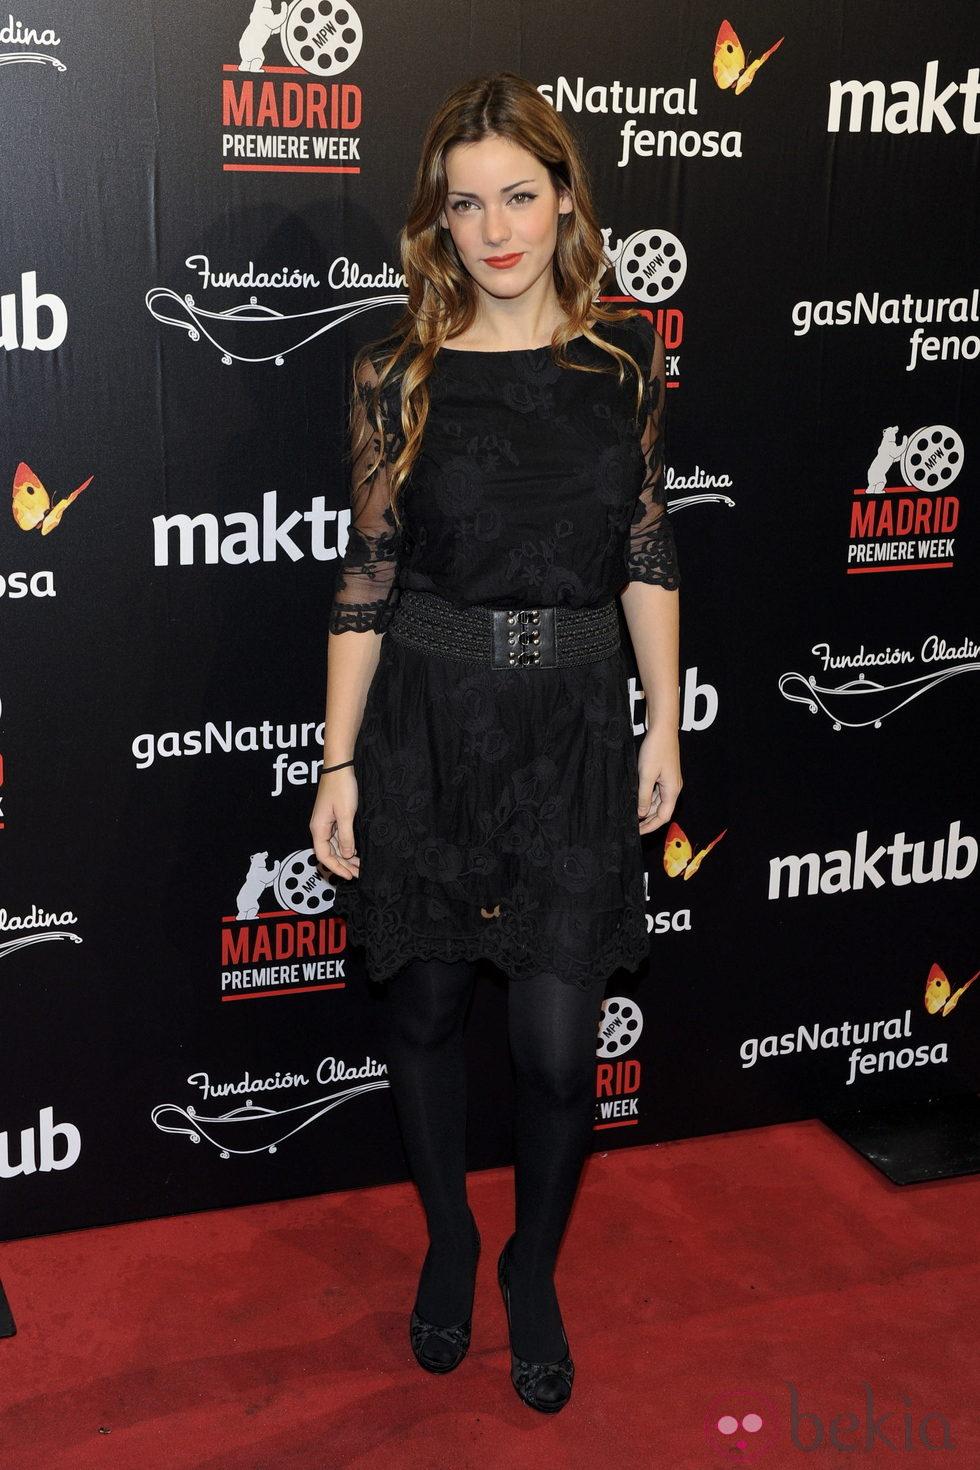 Anterior Alejandra Onieva en el estreno de la película 'Maktub'